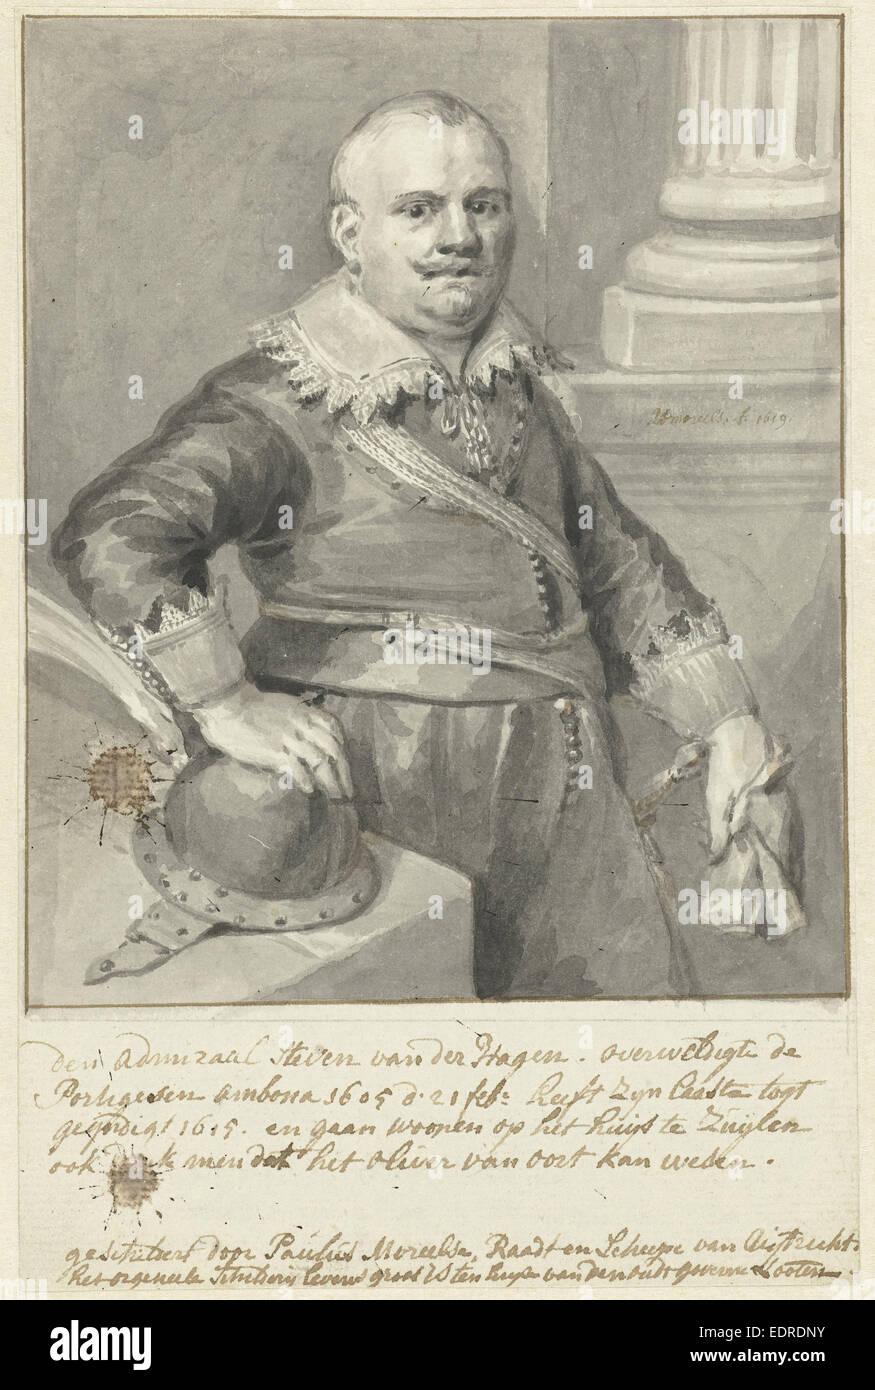 Portrait of Admiral Steven van der Hagen or Olivier van Noort, standing by a table with a helmet - Stock Image